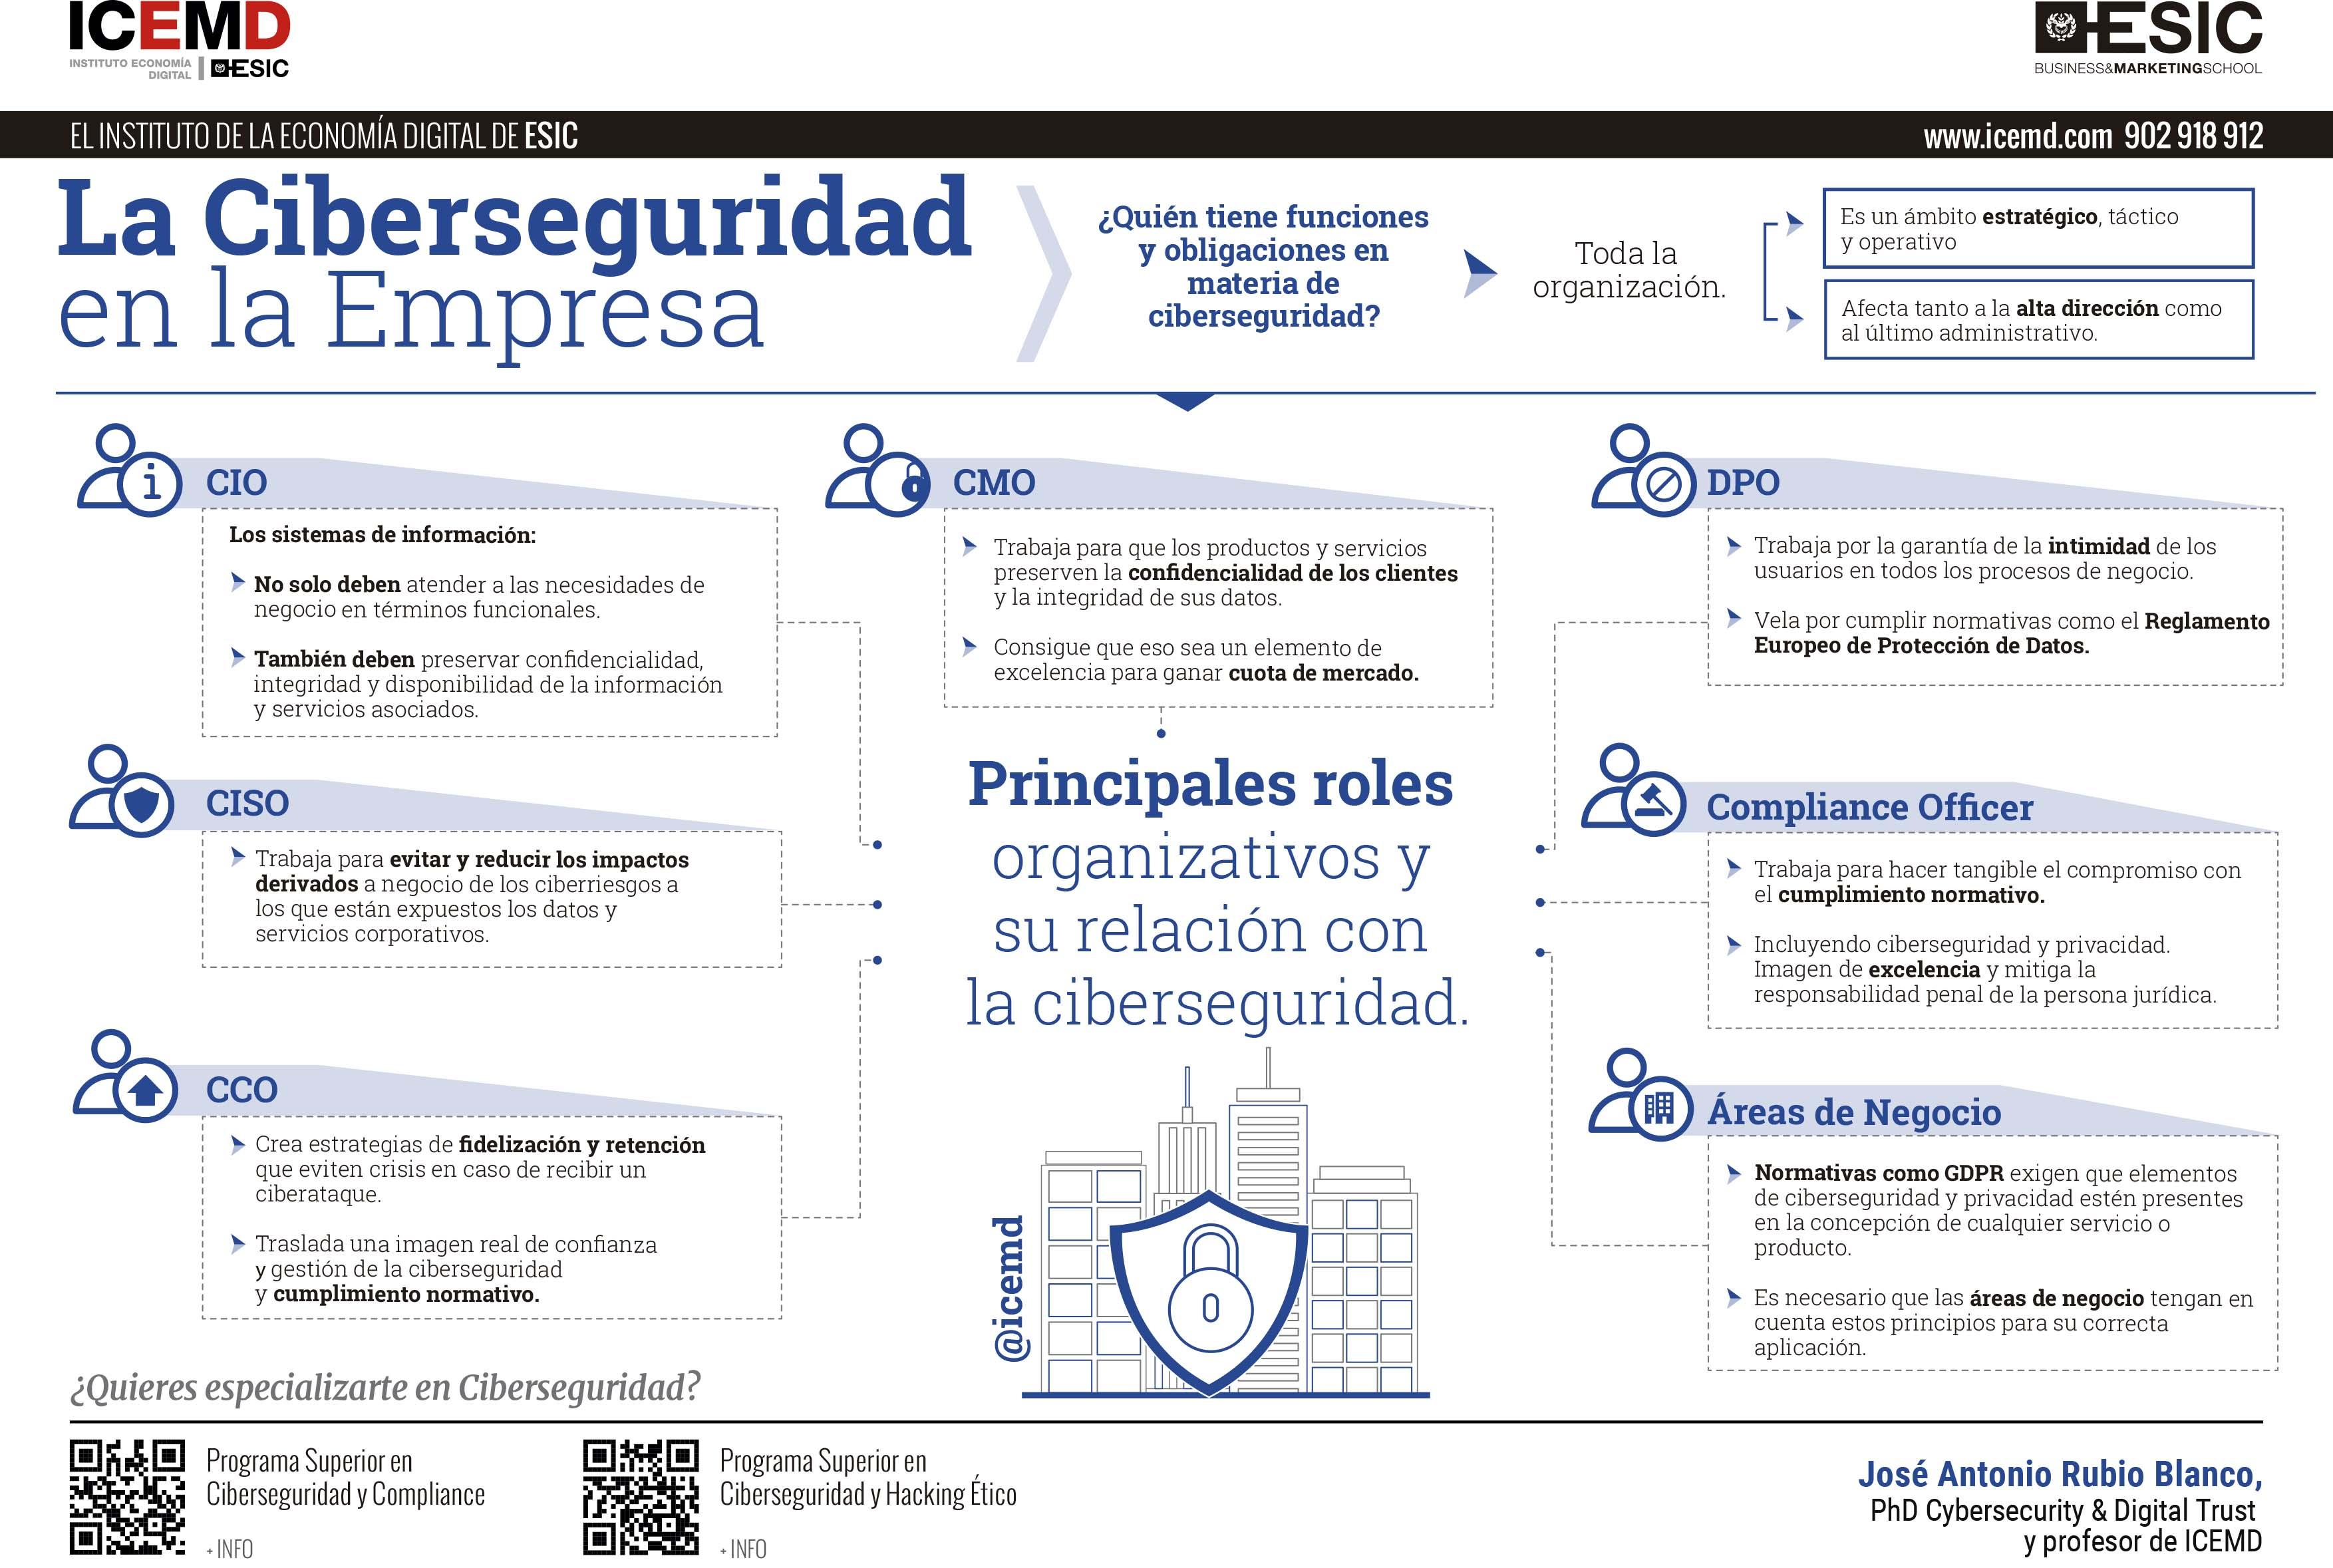 Ciberseguridad en la empresa: ¿quién tiene funciones y obligaciones?